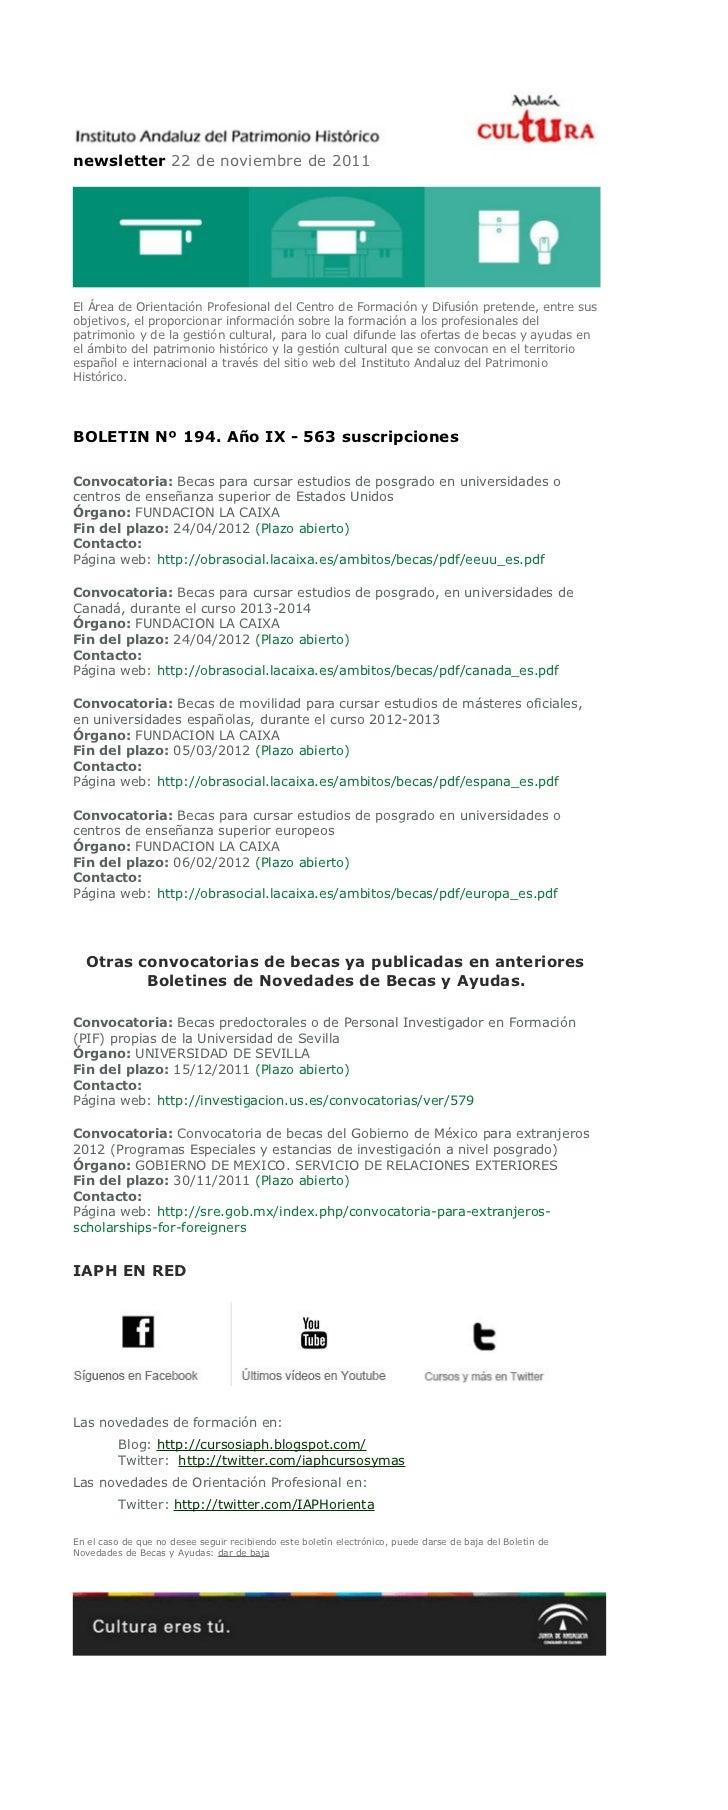 newsletter 22 de noviembre de 2011El Área de Orientación Profesional del Centro de Formación y Difusión pretende, entre su...